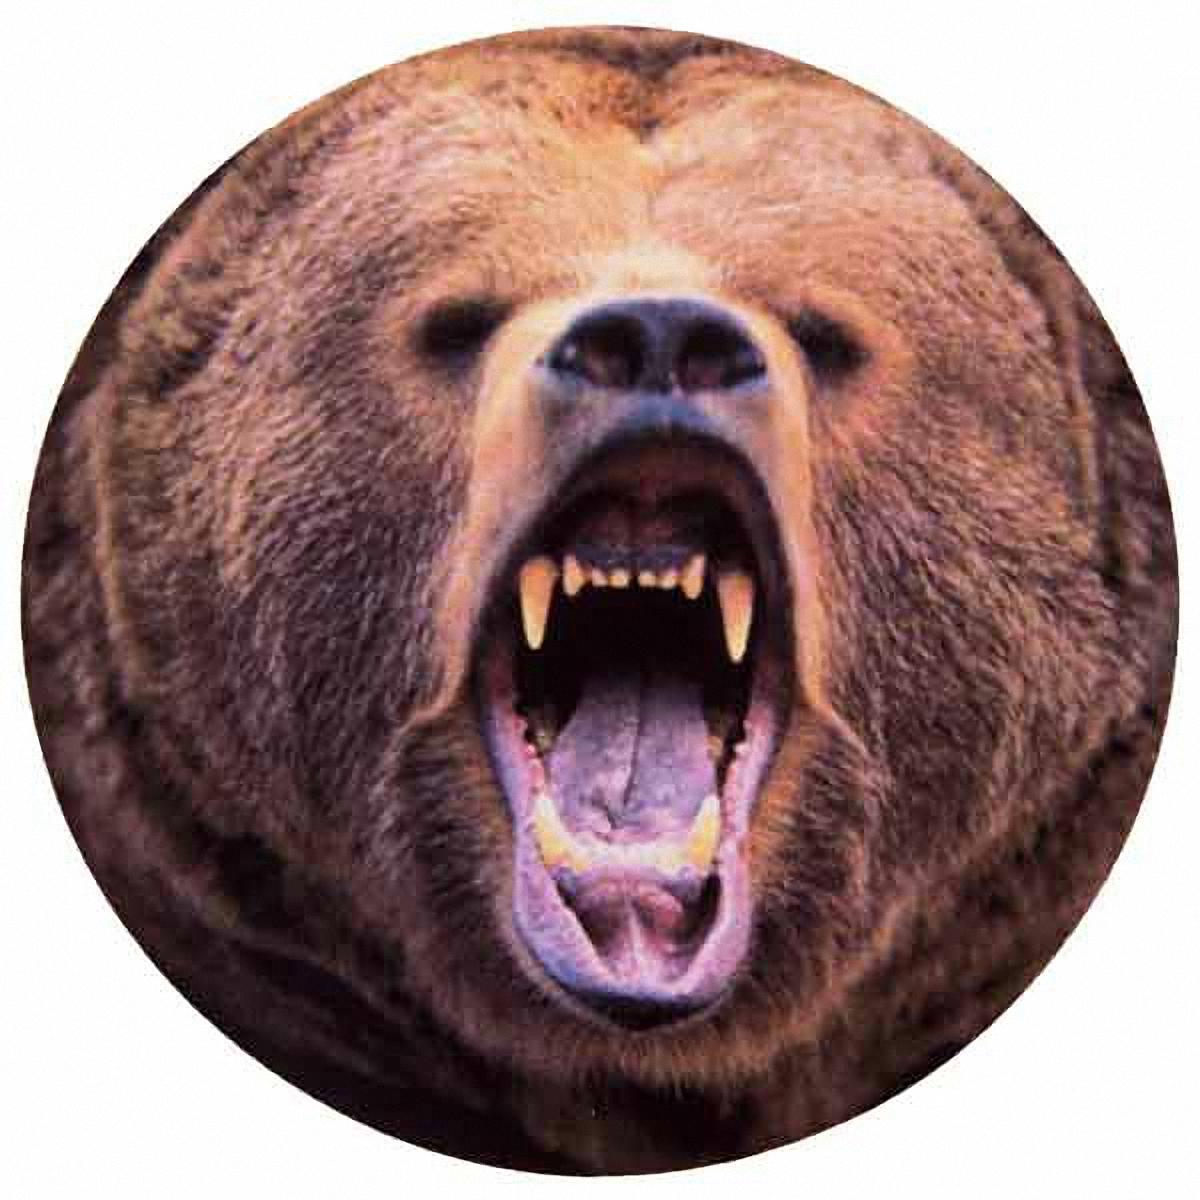 Чехол на запасное колесо Skyway Медведь, диаметр 77 смS06301014Чехол Skyway Медведь обеспечивает защиту запасного колеса автомобиля от загрязнений, прямых солнечных лучей, воздействия воды, посторонних предметов, агрессивных сред и других негативных факторов. Чехол изготовлен из прочной экокожи, которая легко моется и надолго сохраняет внешний вид. Чехол оформлен оригинальным изображением медведя и снабжен резинкой для легкого надевания. Благодаря чехлу, колесо сохранит свой внешний вид и характеристики. Размер колеса: R16, R17.Диаметр чехла: 77 см.